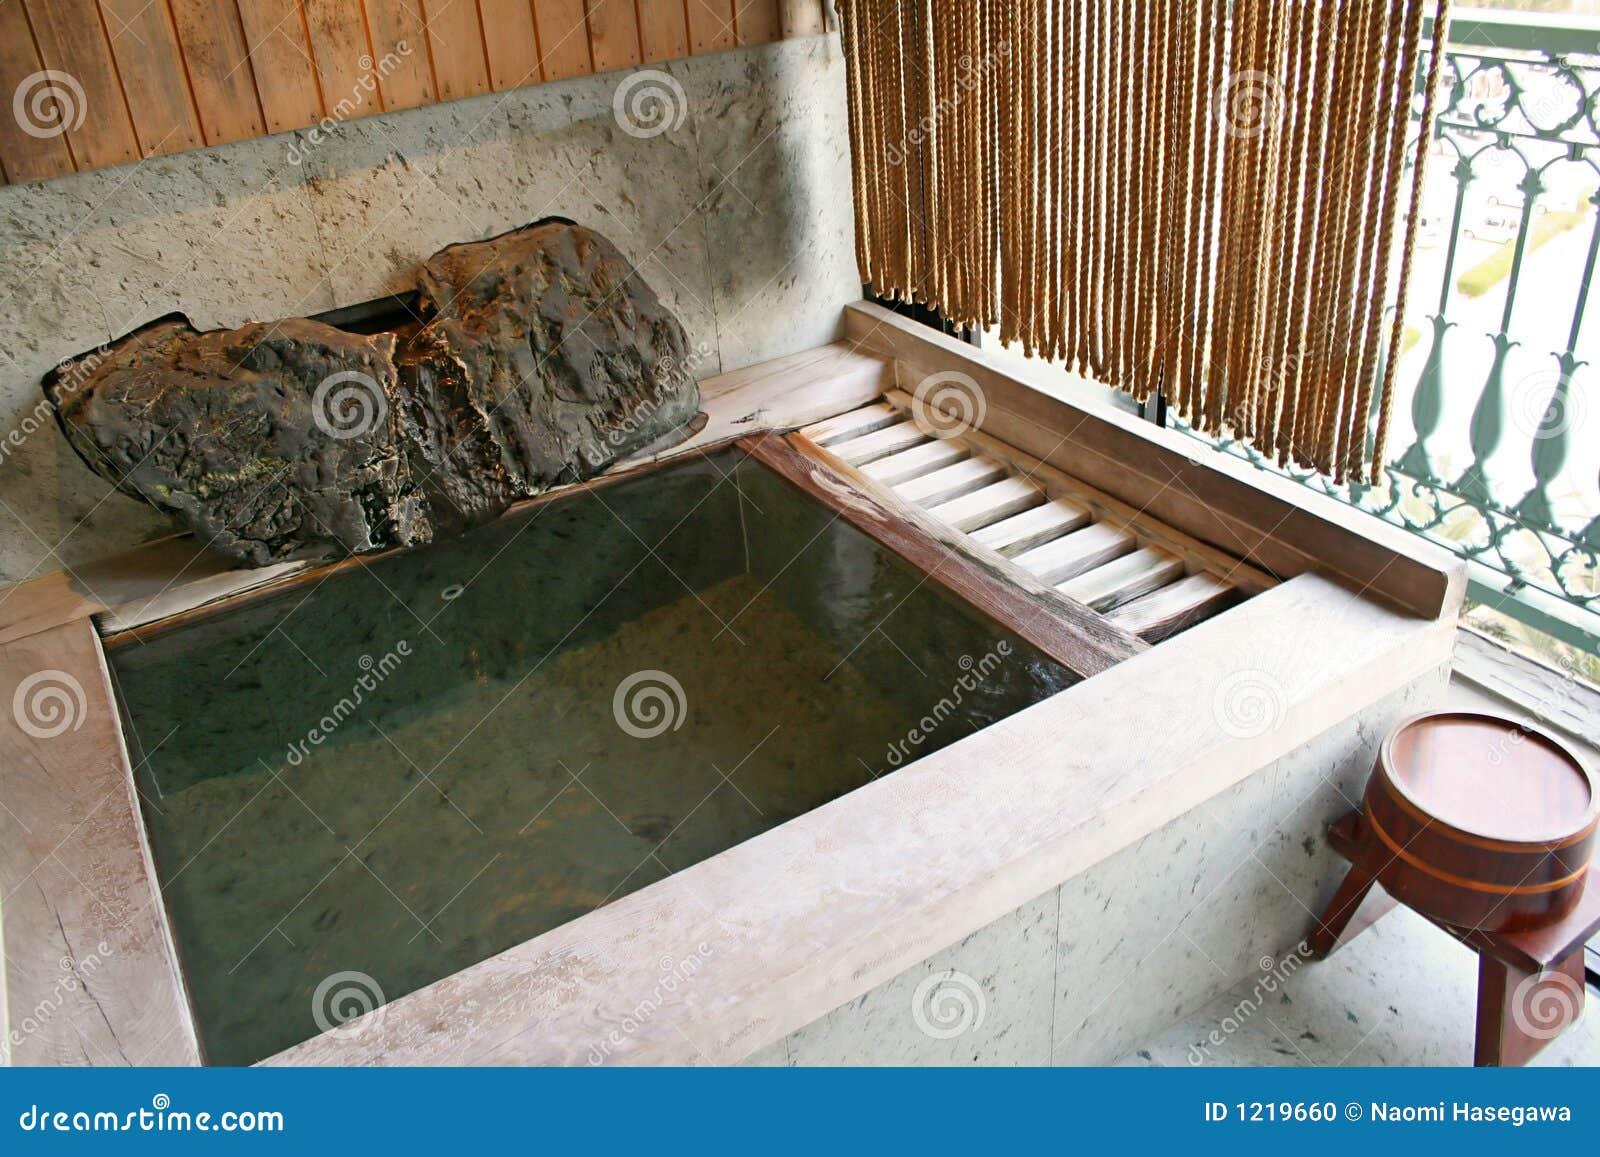 Japanisches Bad onsen bad stockfoto bild frühling wasser nebel 1219660